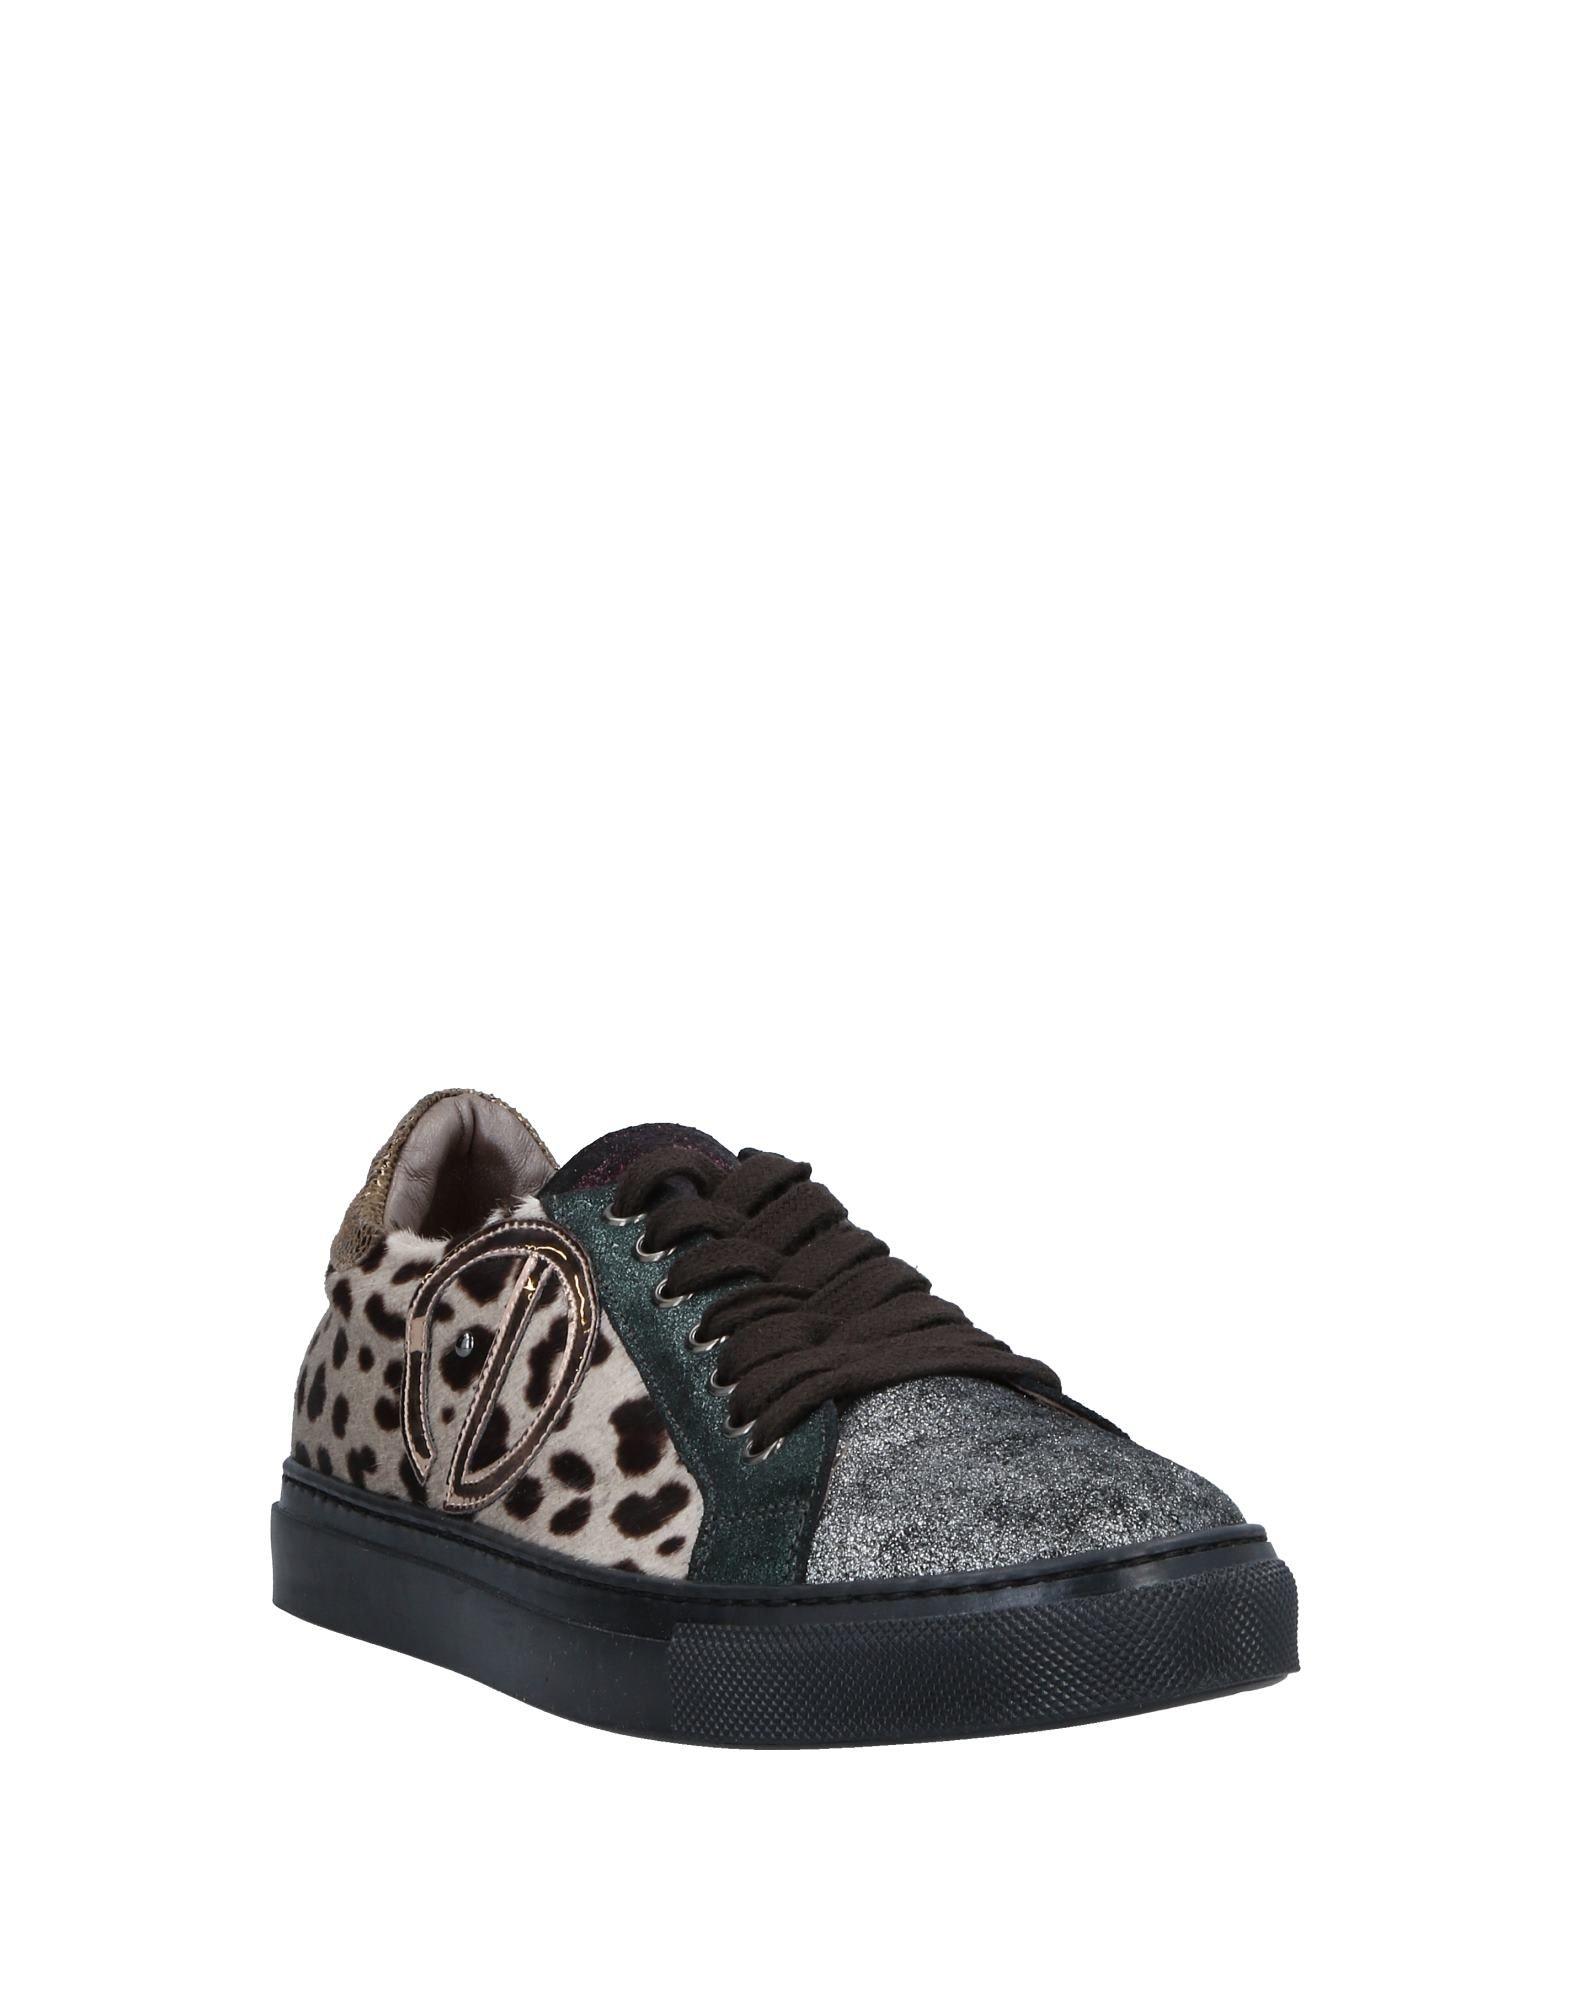 Ebarrito Gute Sneakers Damen  11521167HK Gute Ebarrito Qualität beliebte Schuhe 6f8916